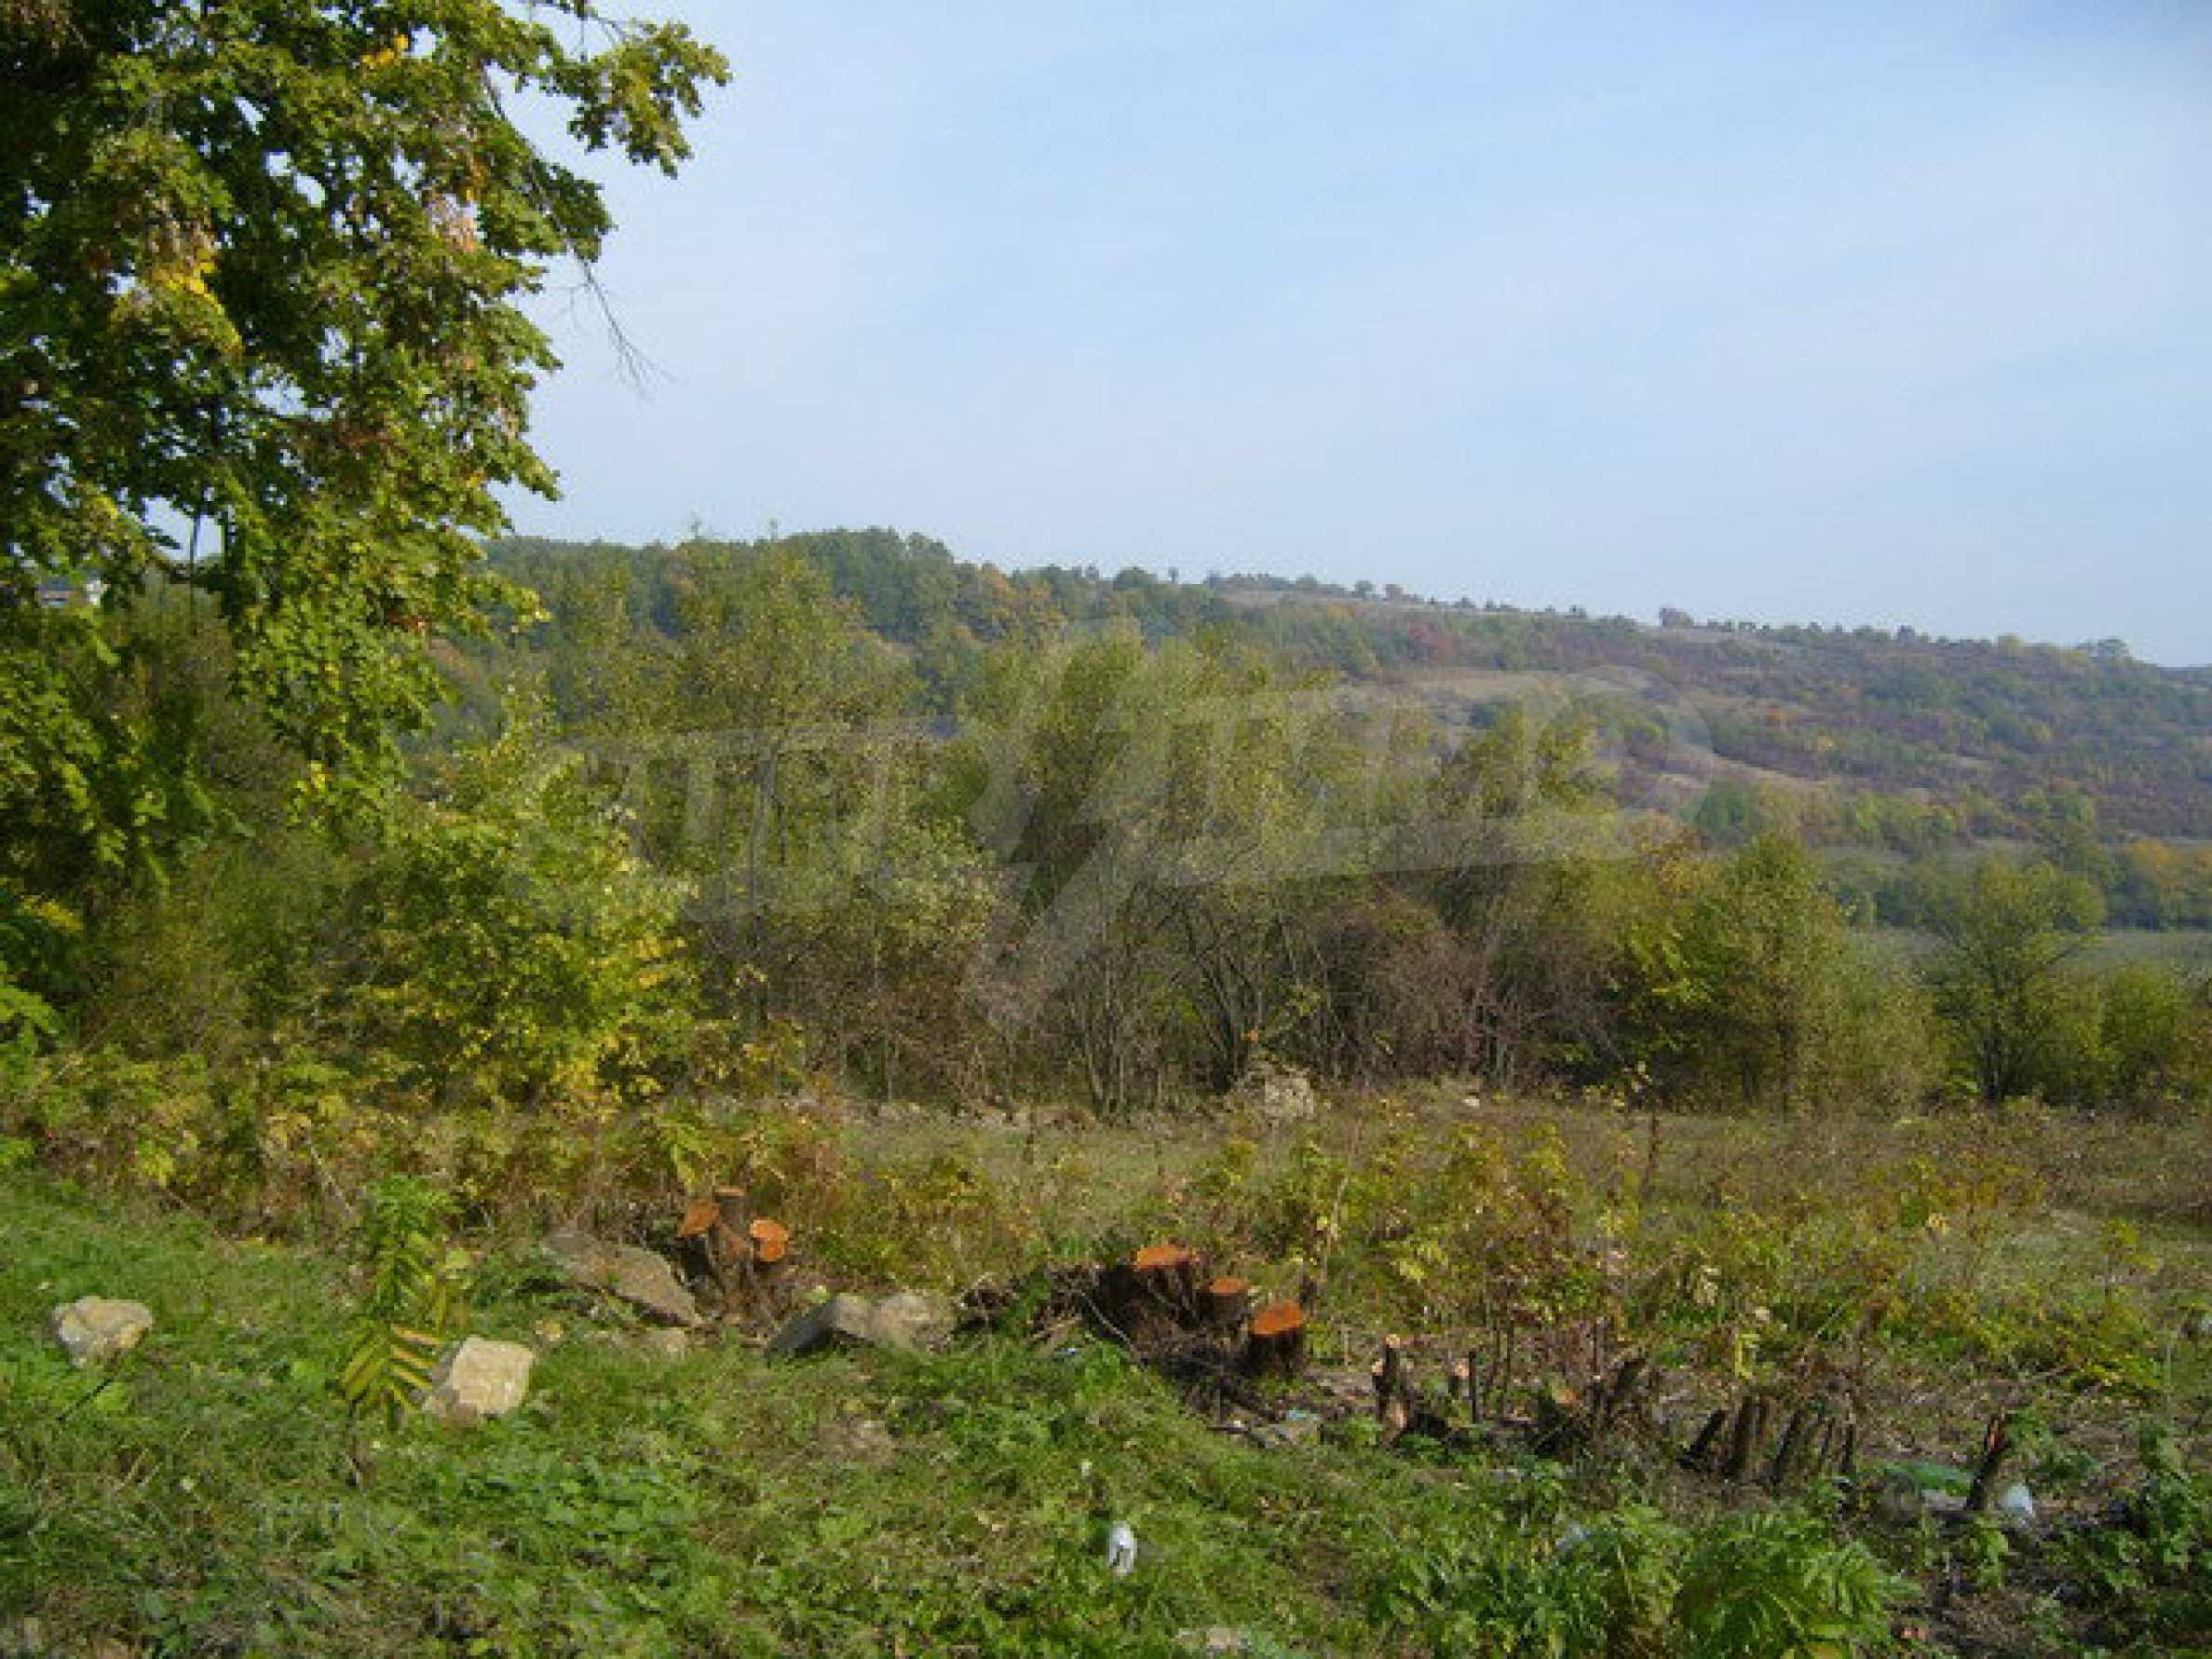 Земельный участок в деревне с красивым пейзажем 1